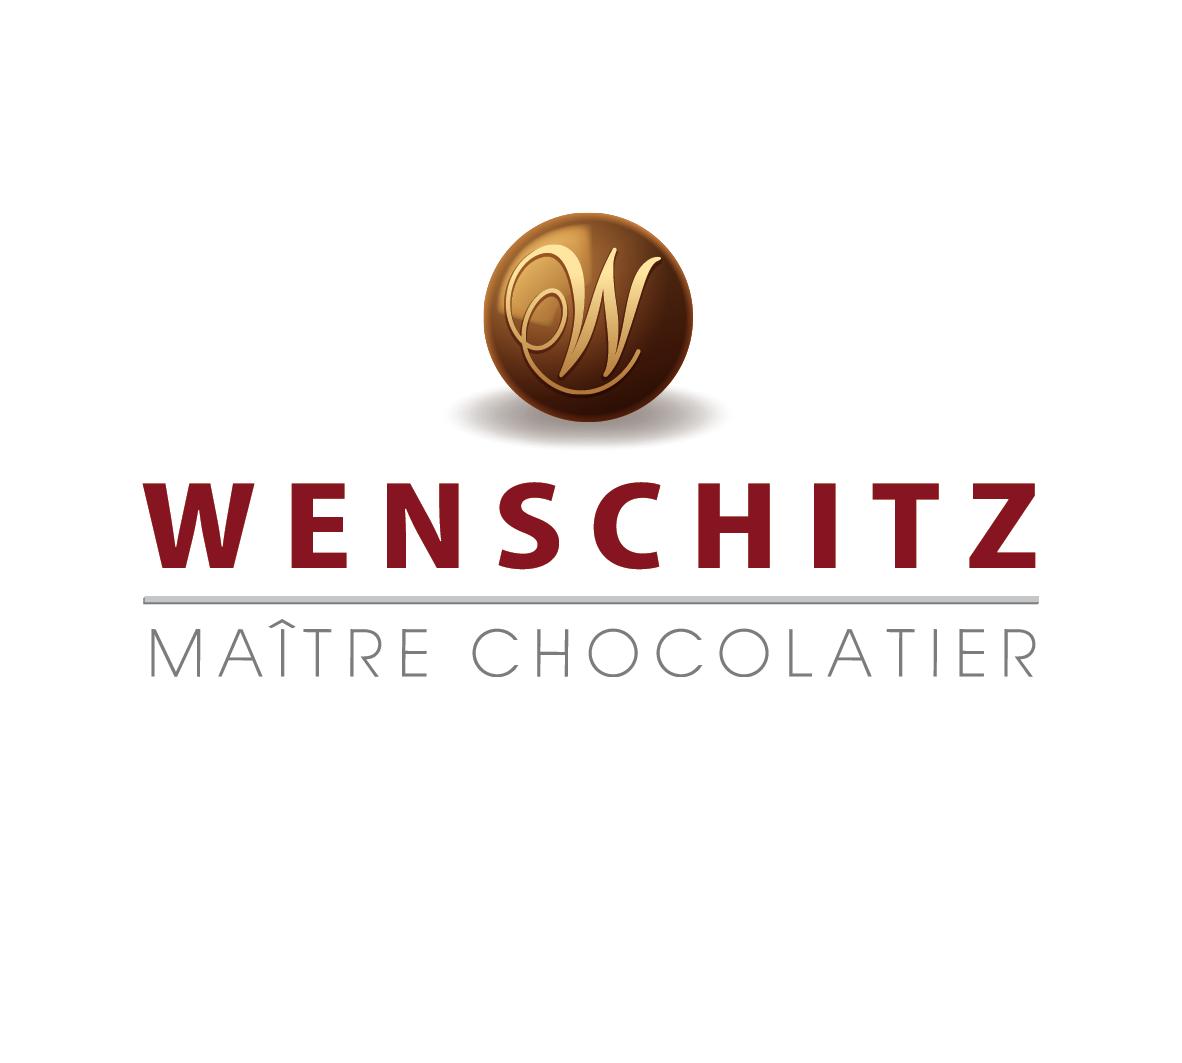 Logo Wenschitz